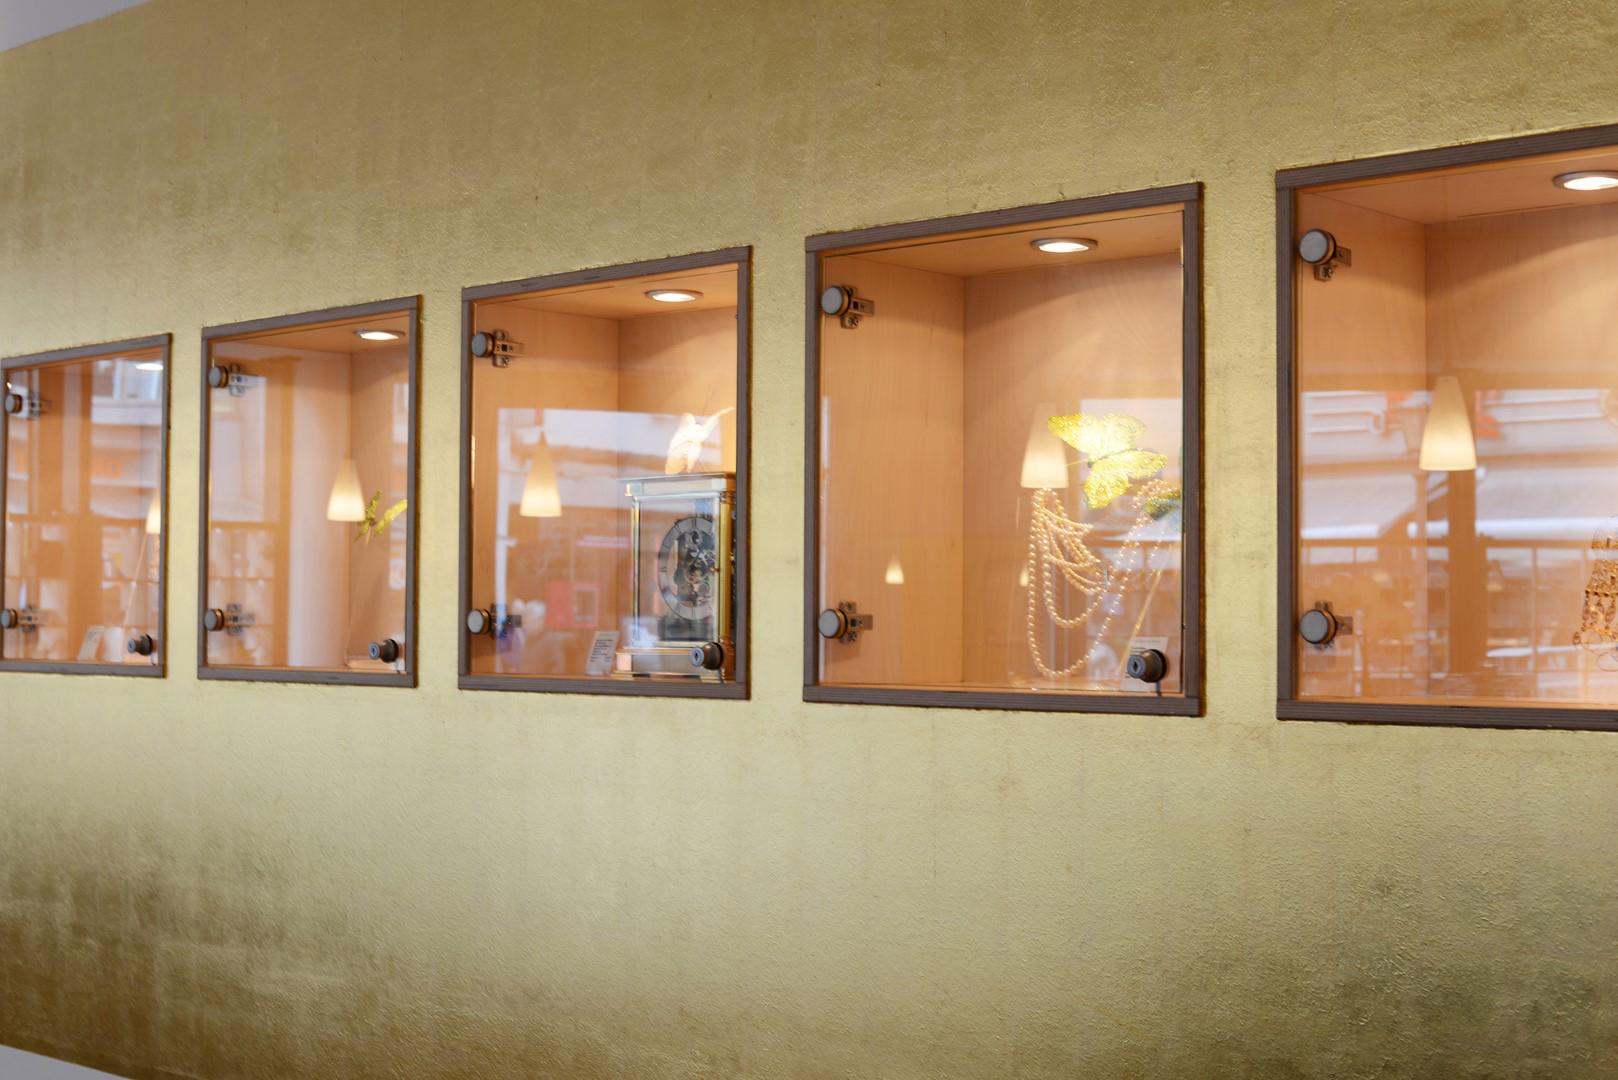 Bild vom Innenbereich des Siegburger Schmuckkontors